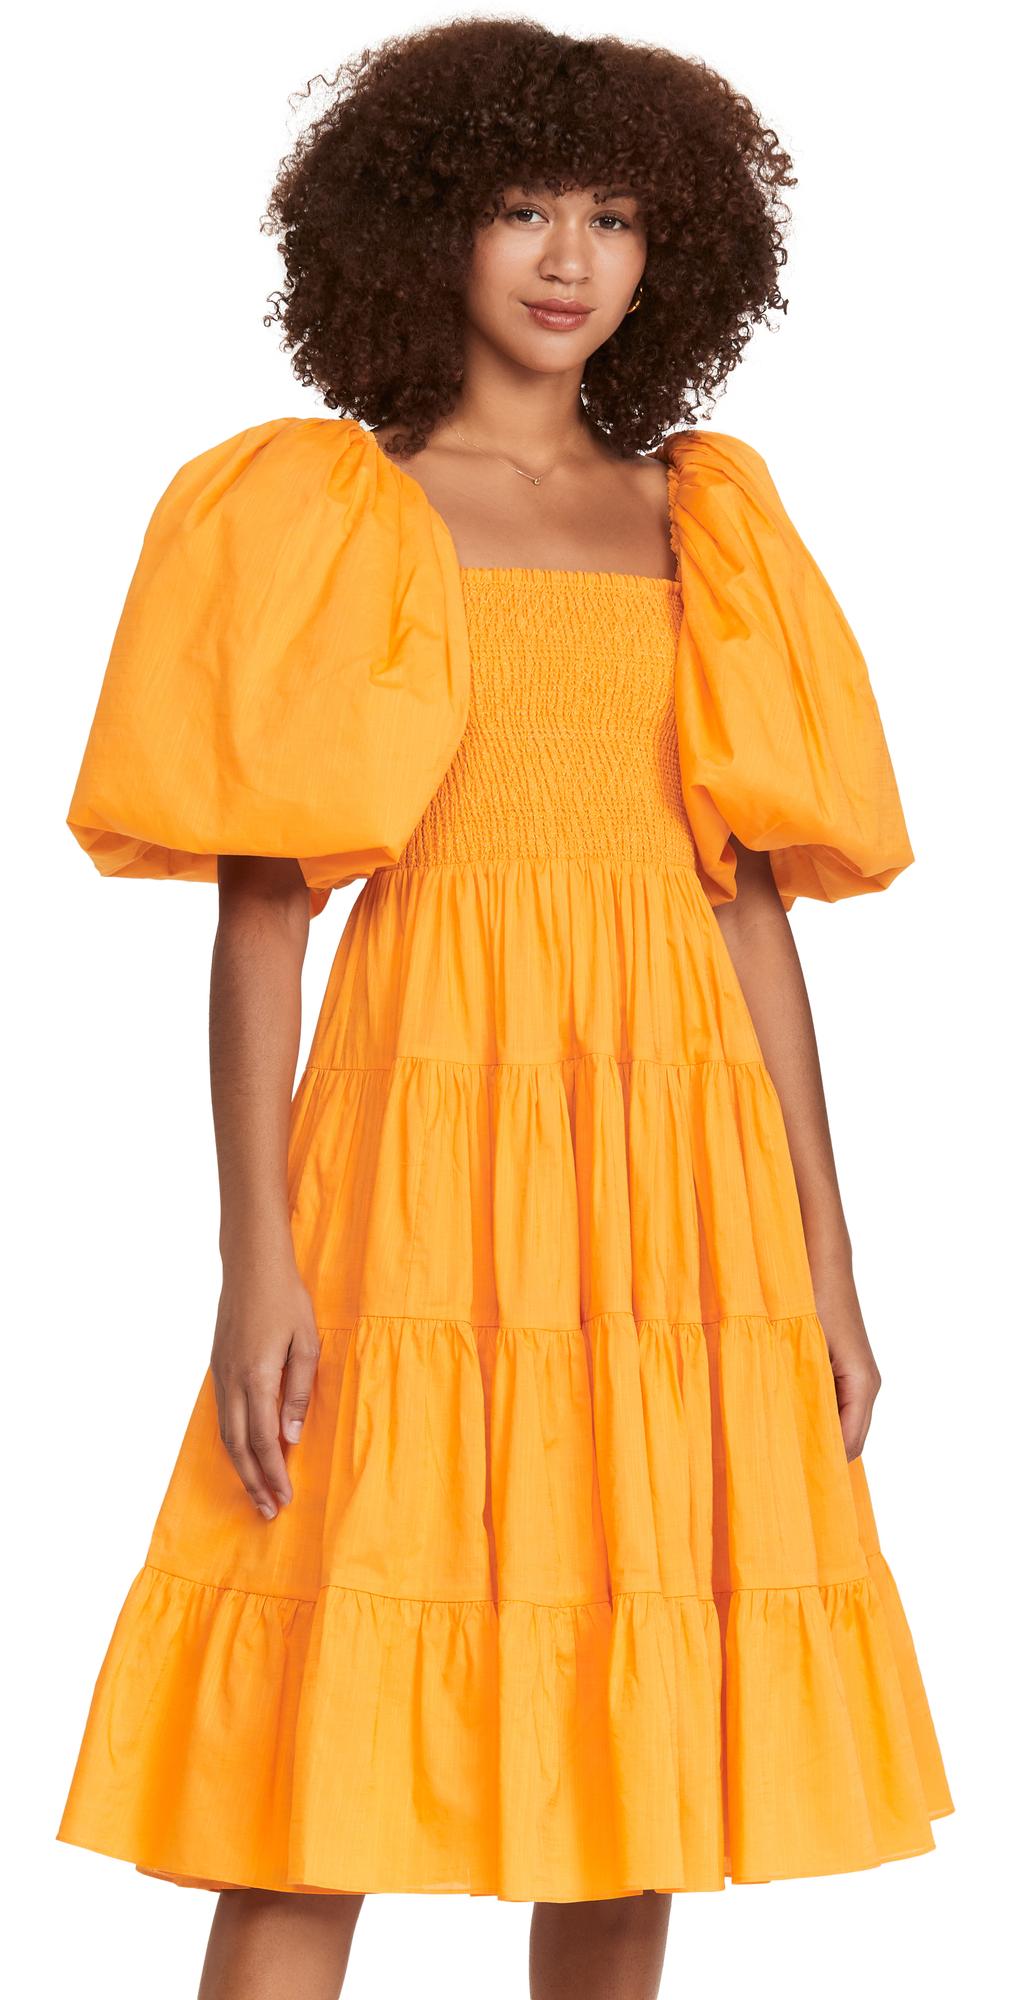 Cherished Midi Dress